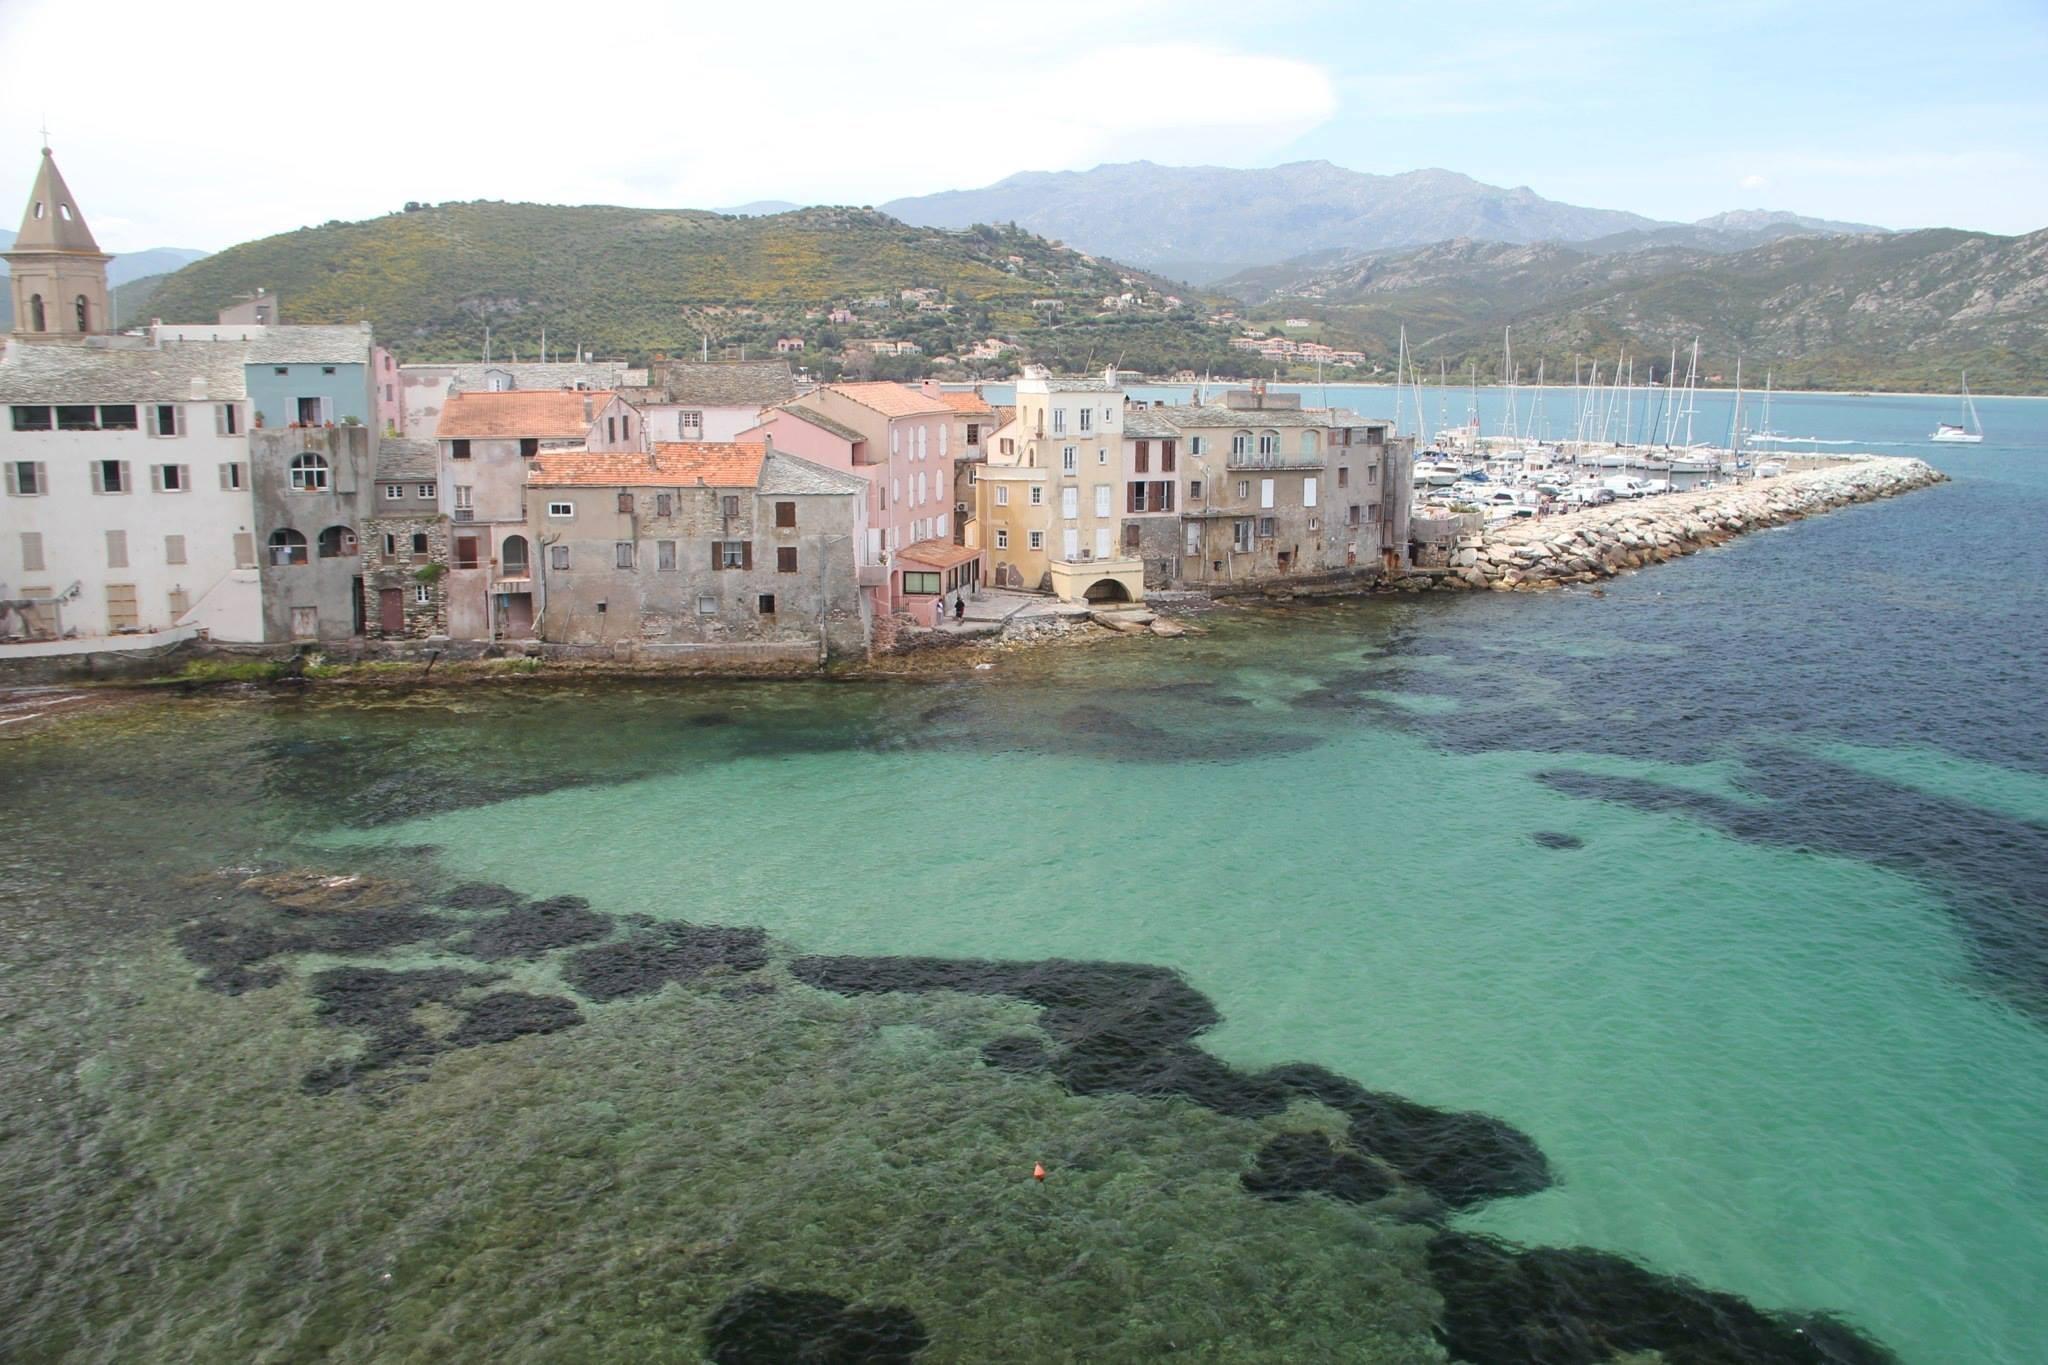 Saint-Florent, Haute-Corse, France